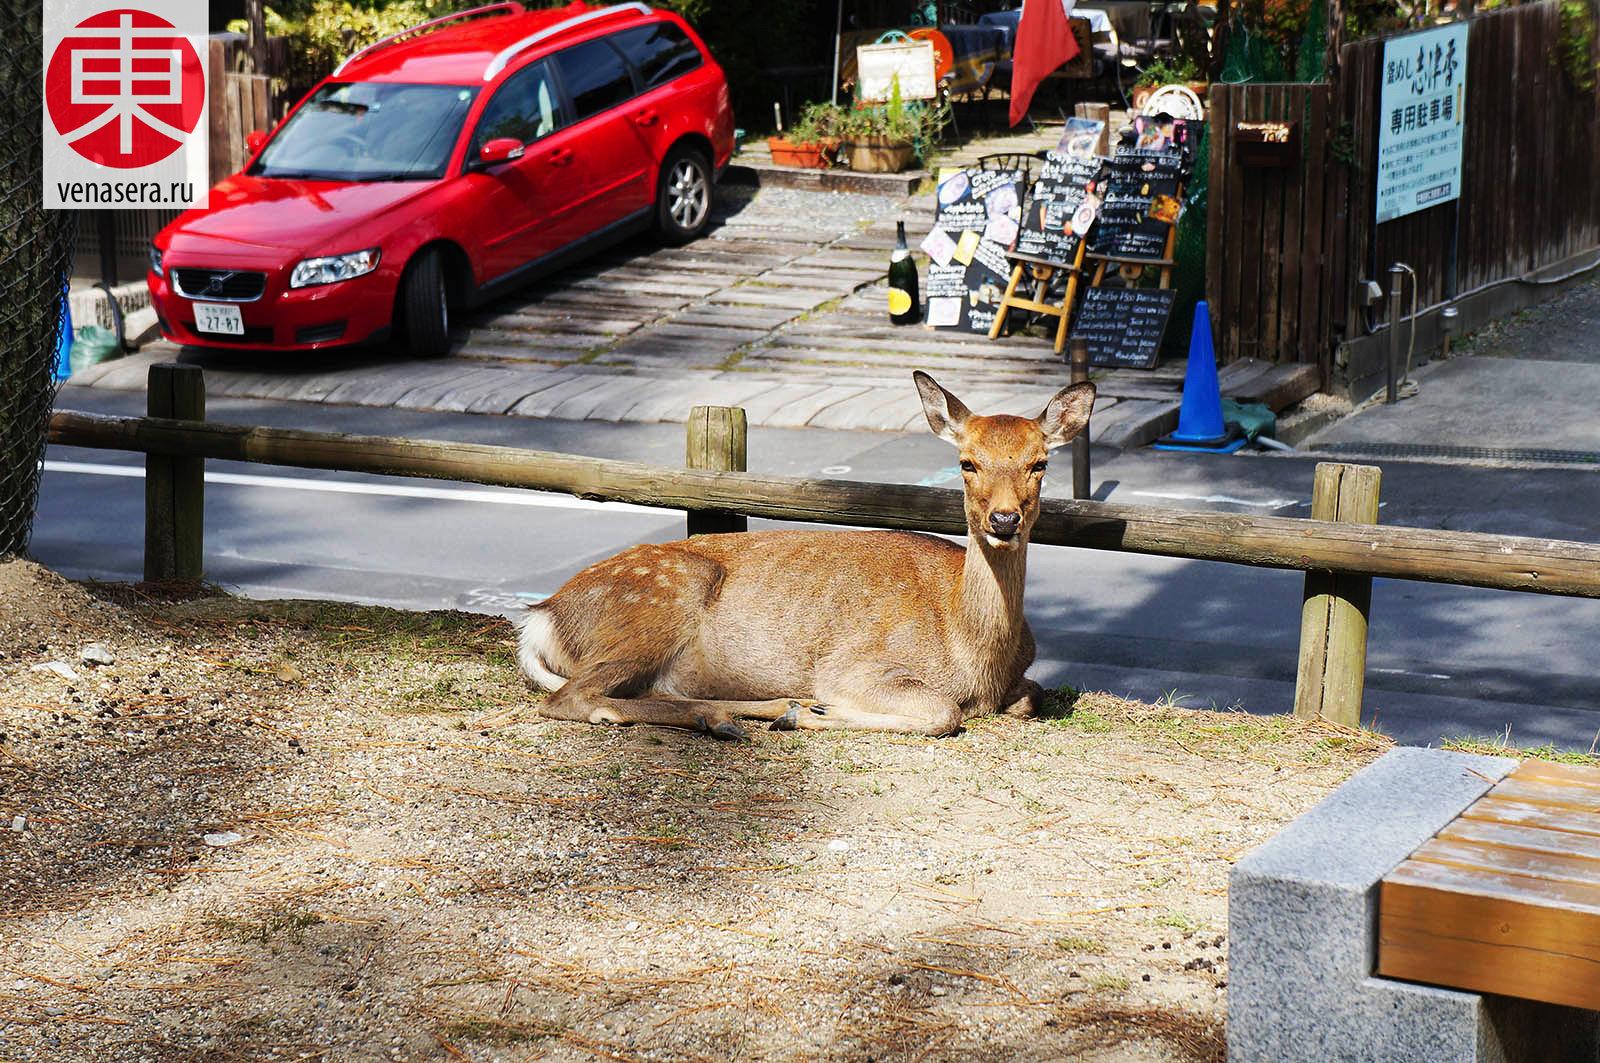 Путешествие в Нара, Поездка в Нара, Олени в г. Нара, Нара, Nara, 奈良, Япония, Japan, 日本.